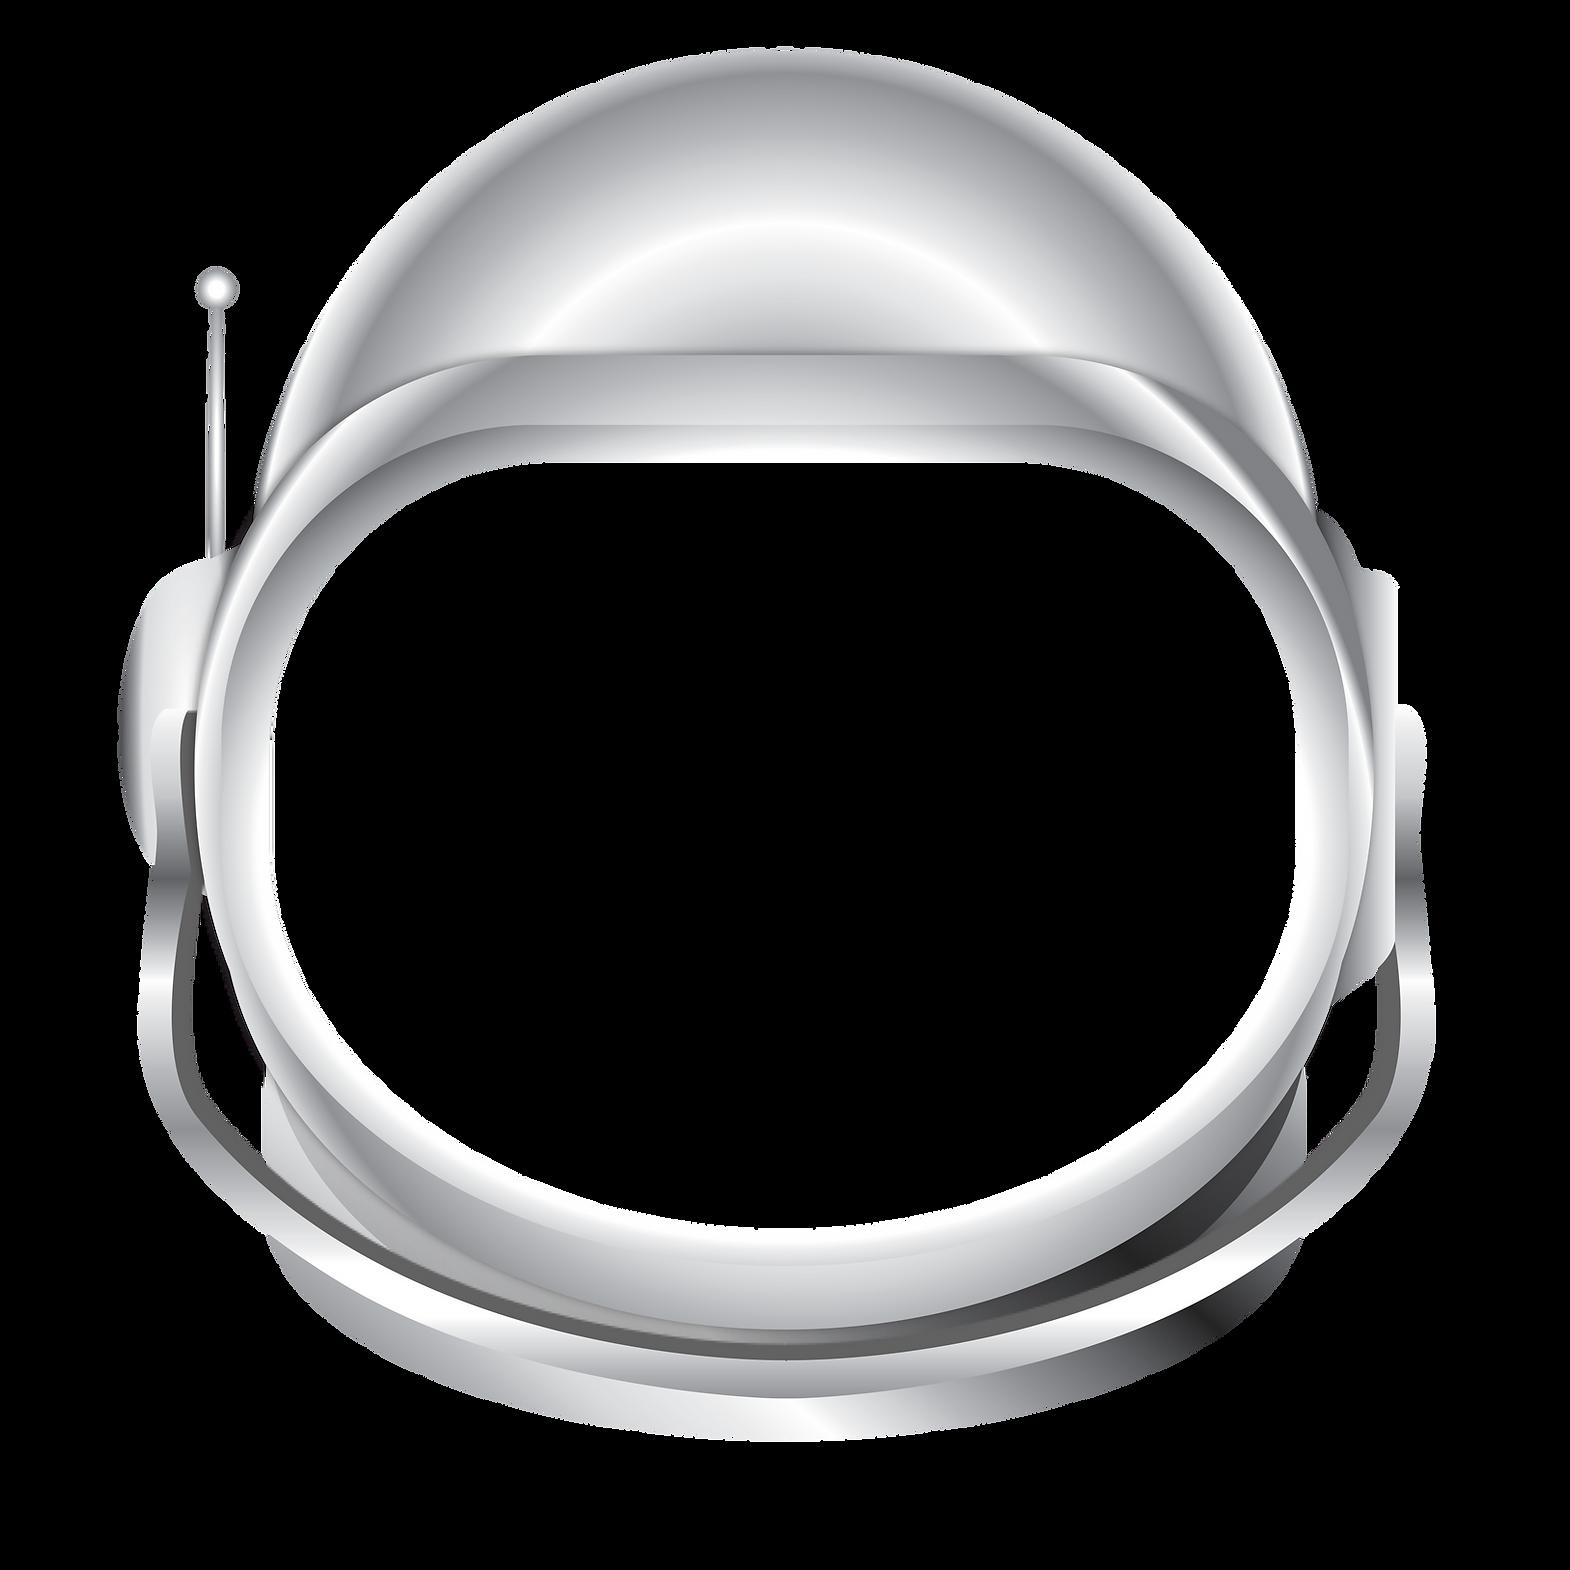 astronaut helmet.png